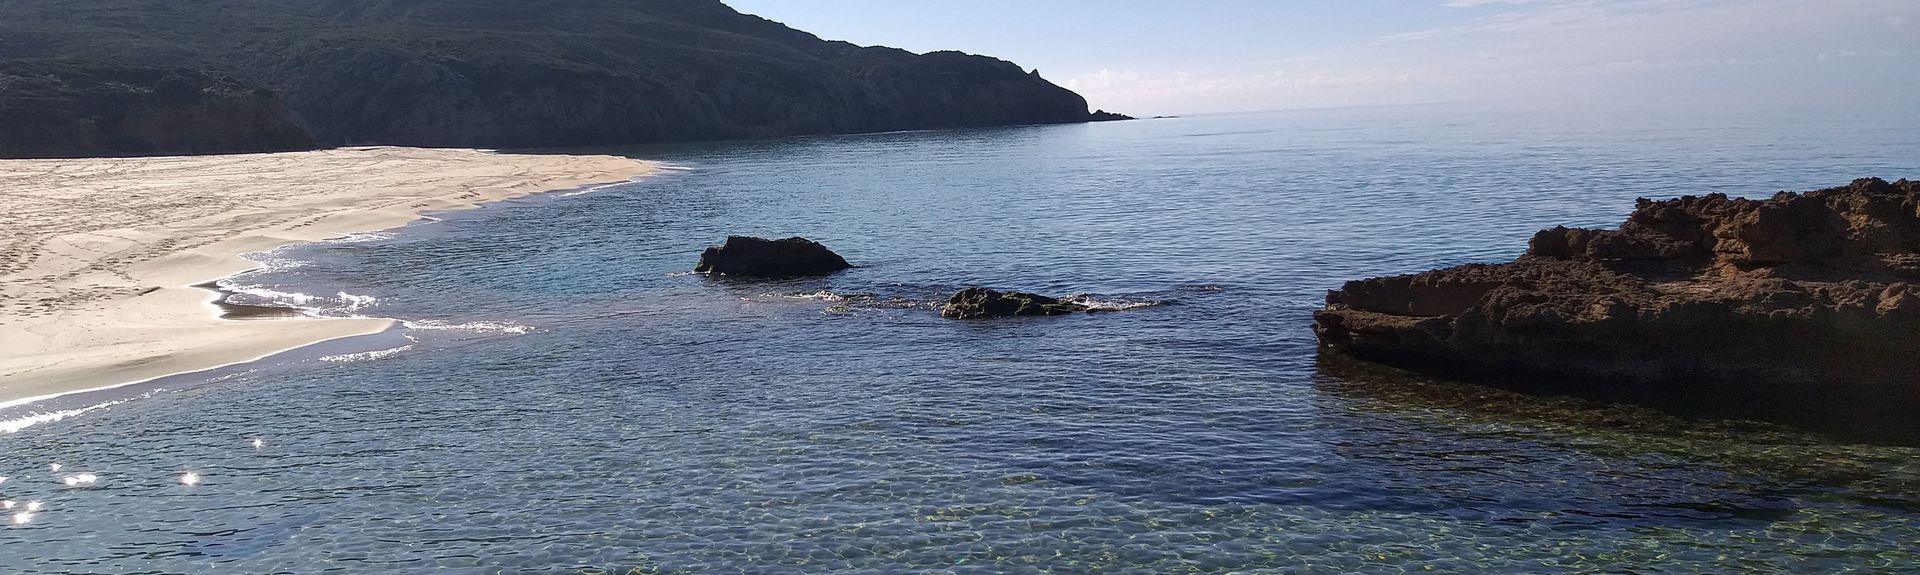 Villacidro, Sardinia, Italy